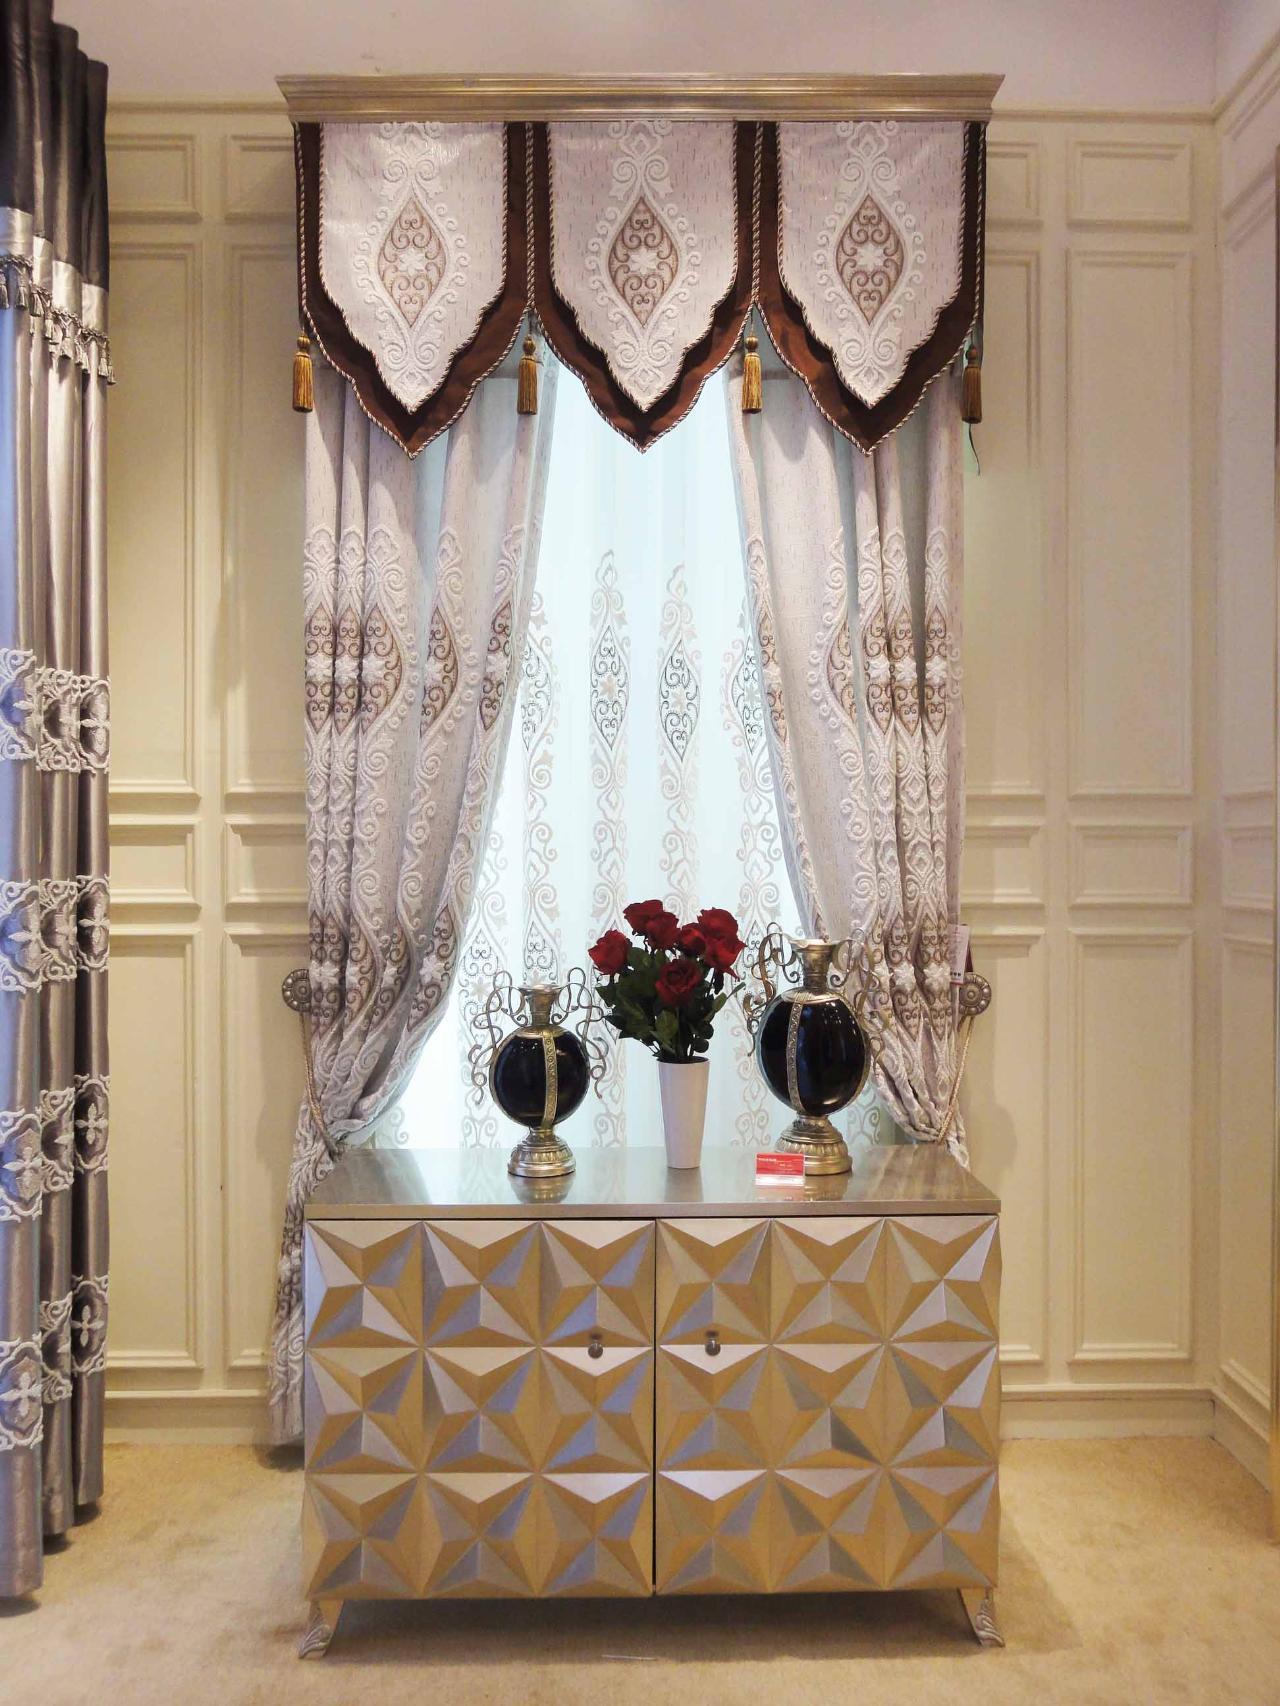 窗帘欧式花型的图片